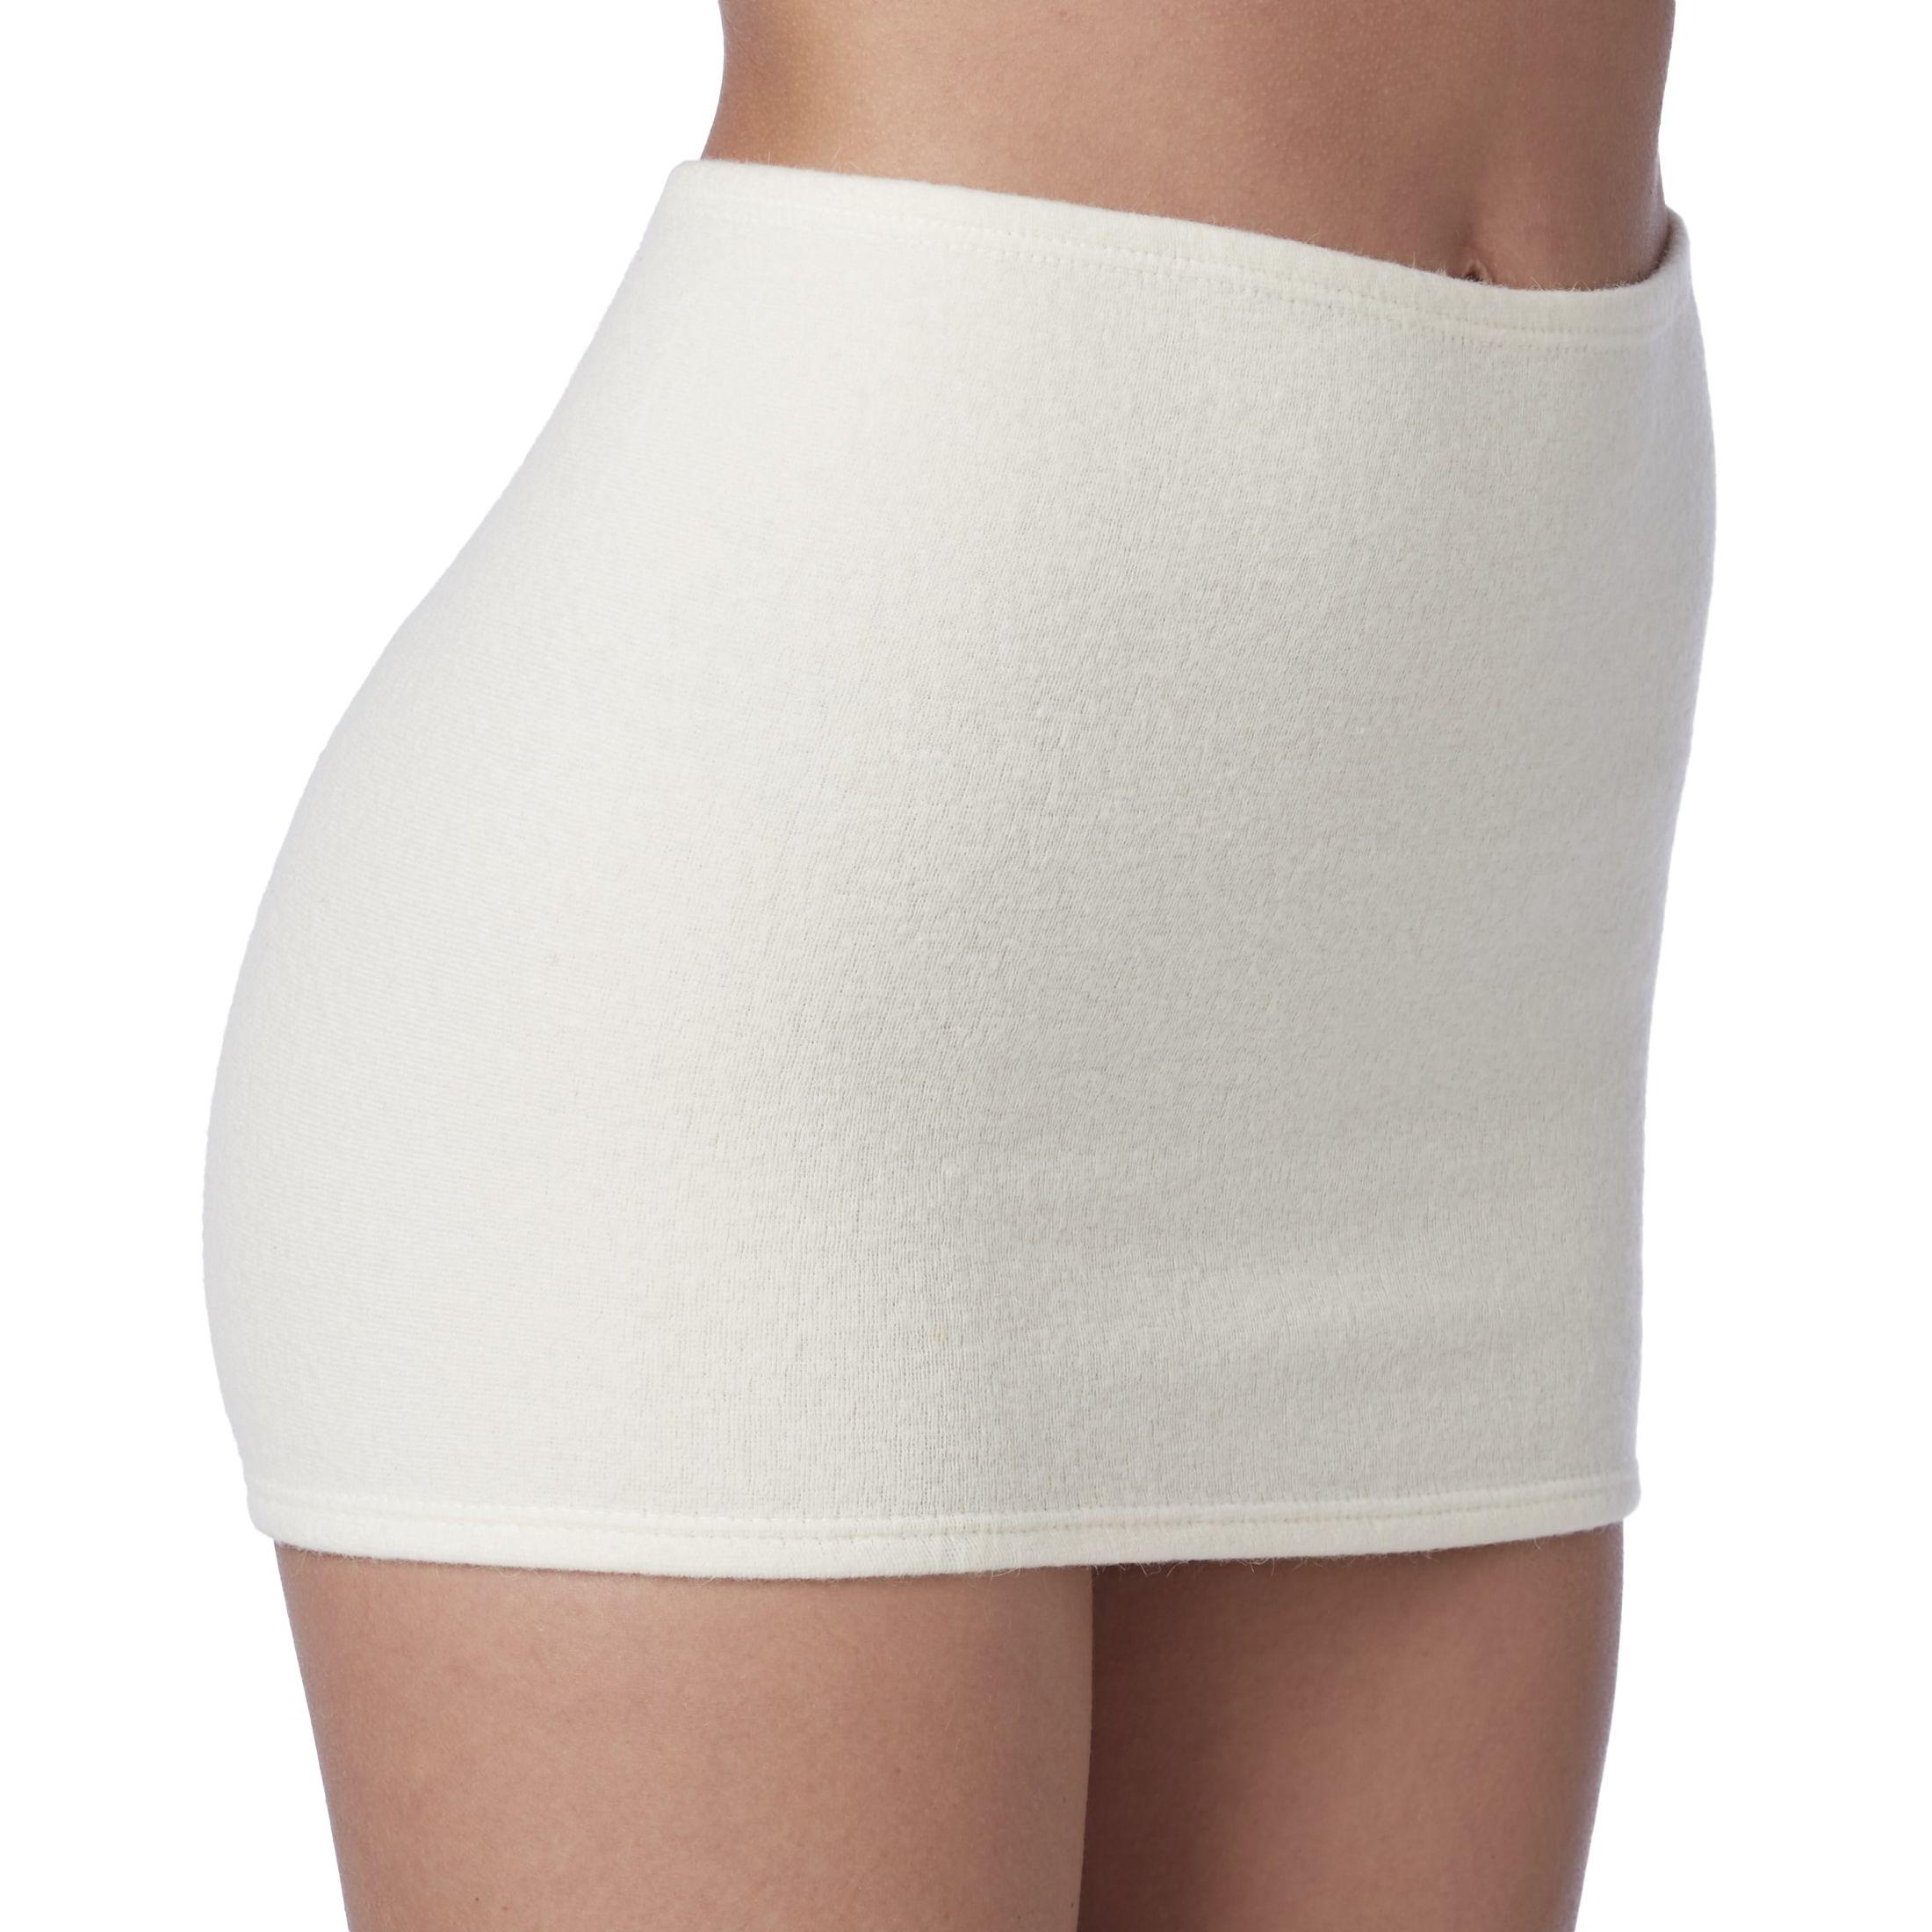 6 paia di calze da donna senza Elastico cotone Uomo diabetici senza cucitura FB ARGENTO